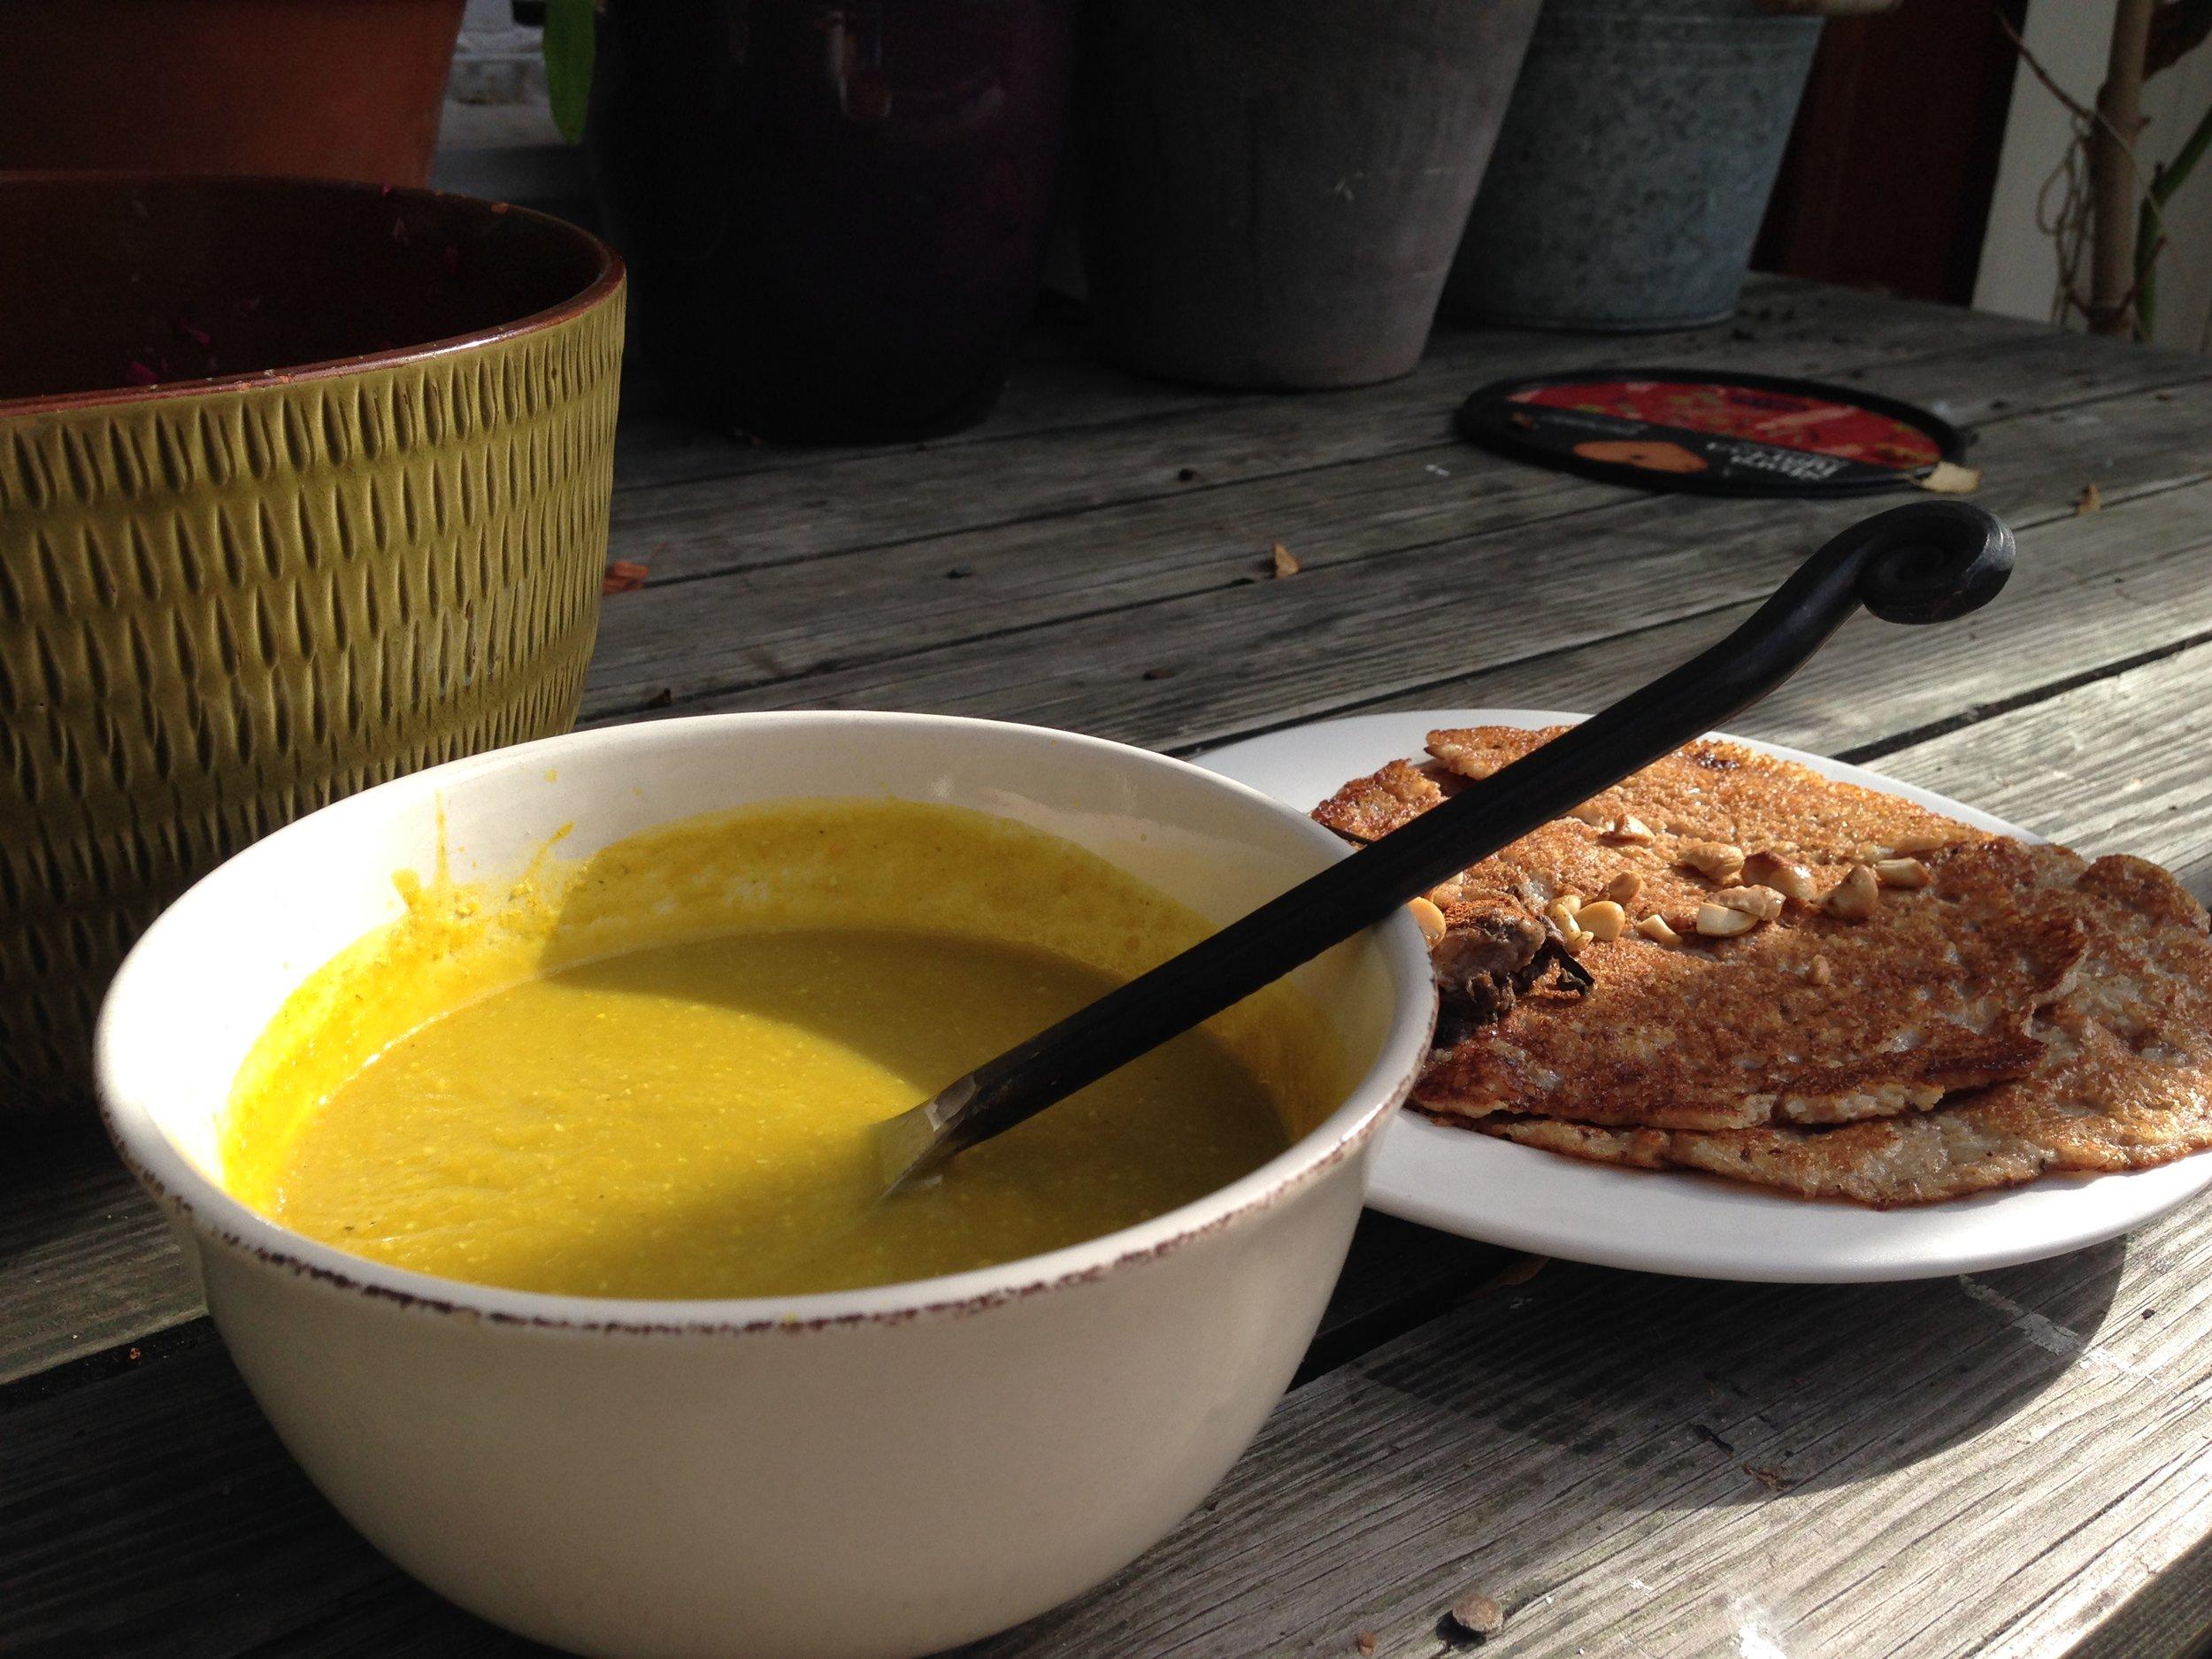 Recept på goda soppor till pannkakor hittar du under fliken SHOP-FOOD